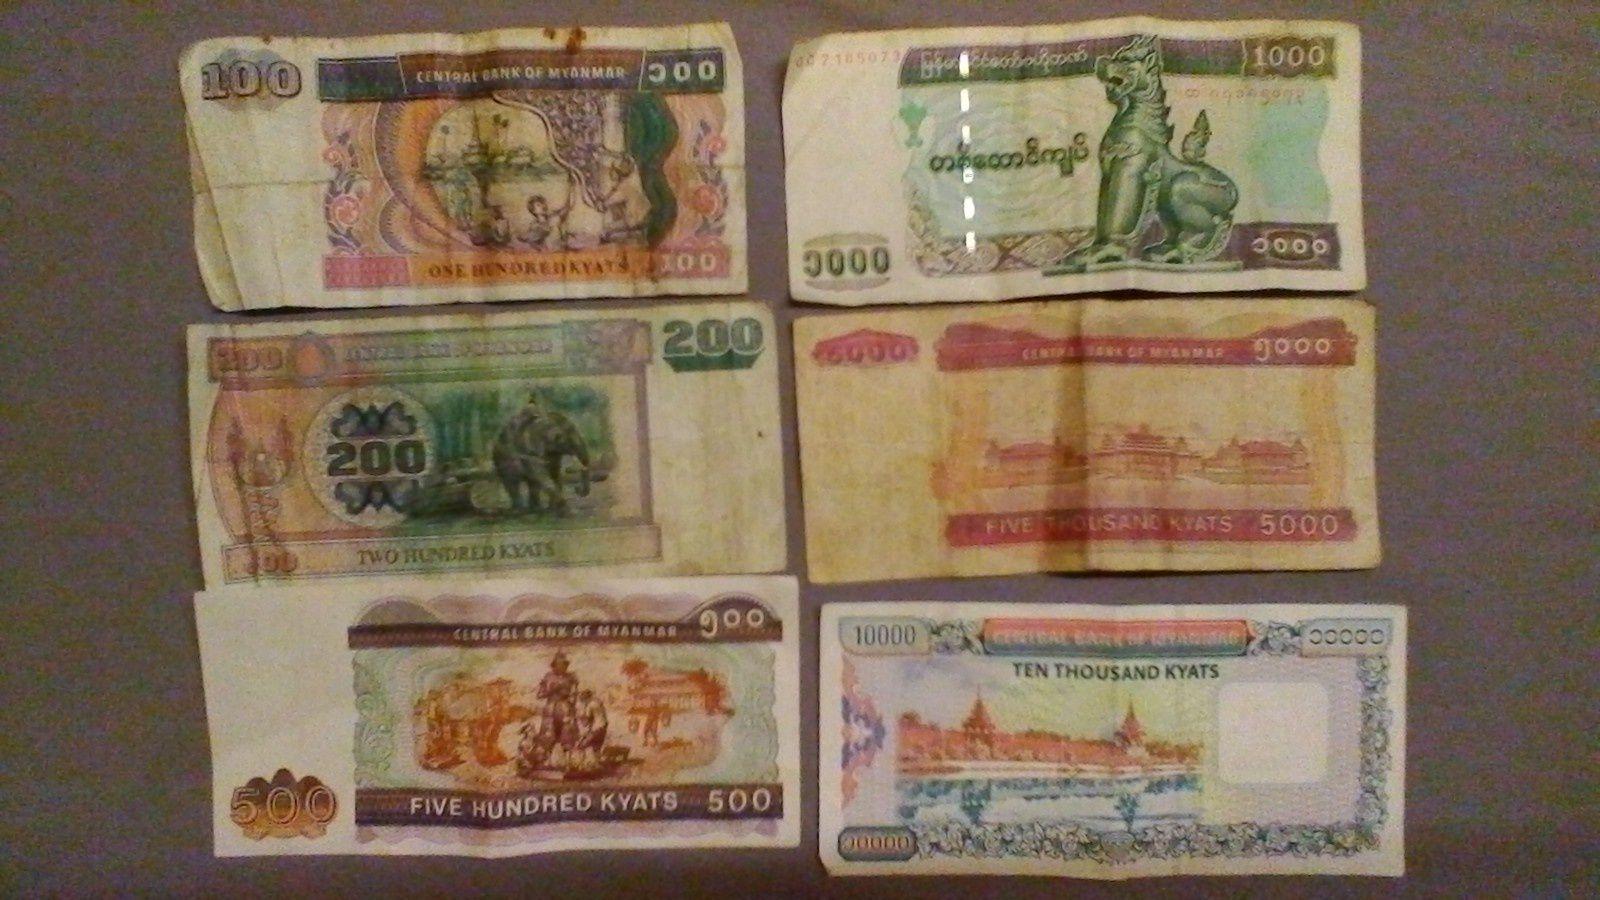 la devise du myanmar est le kyat .. 1 euro vaut environ 1300 kyat